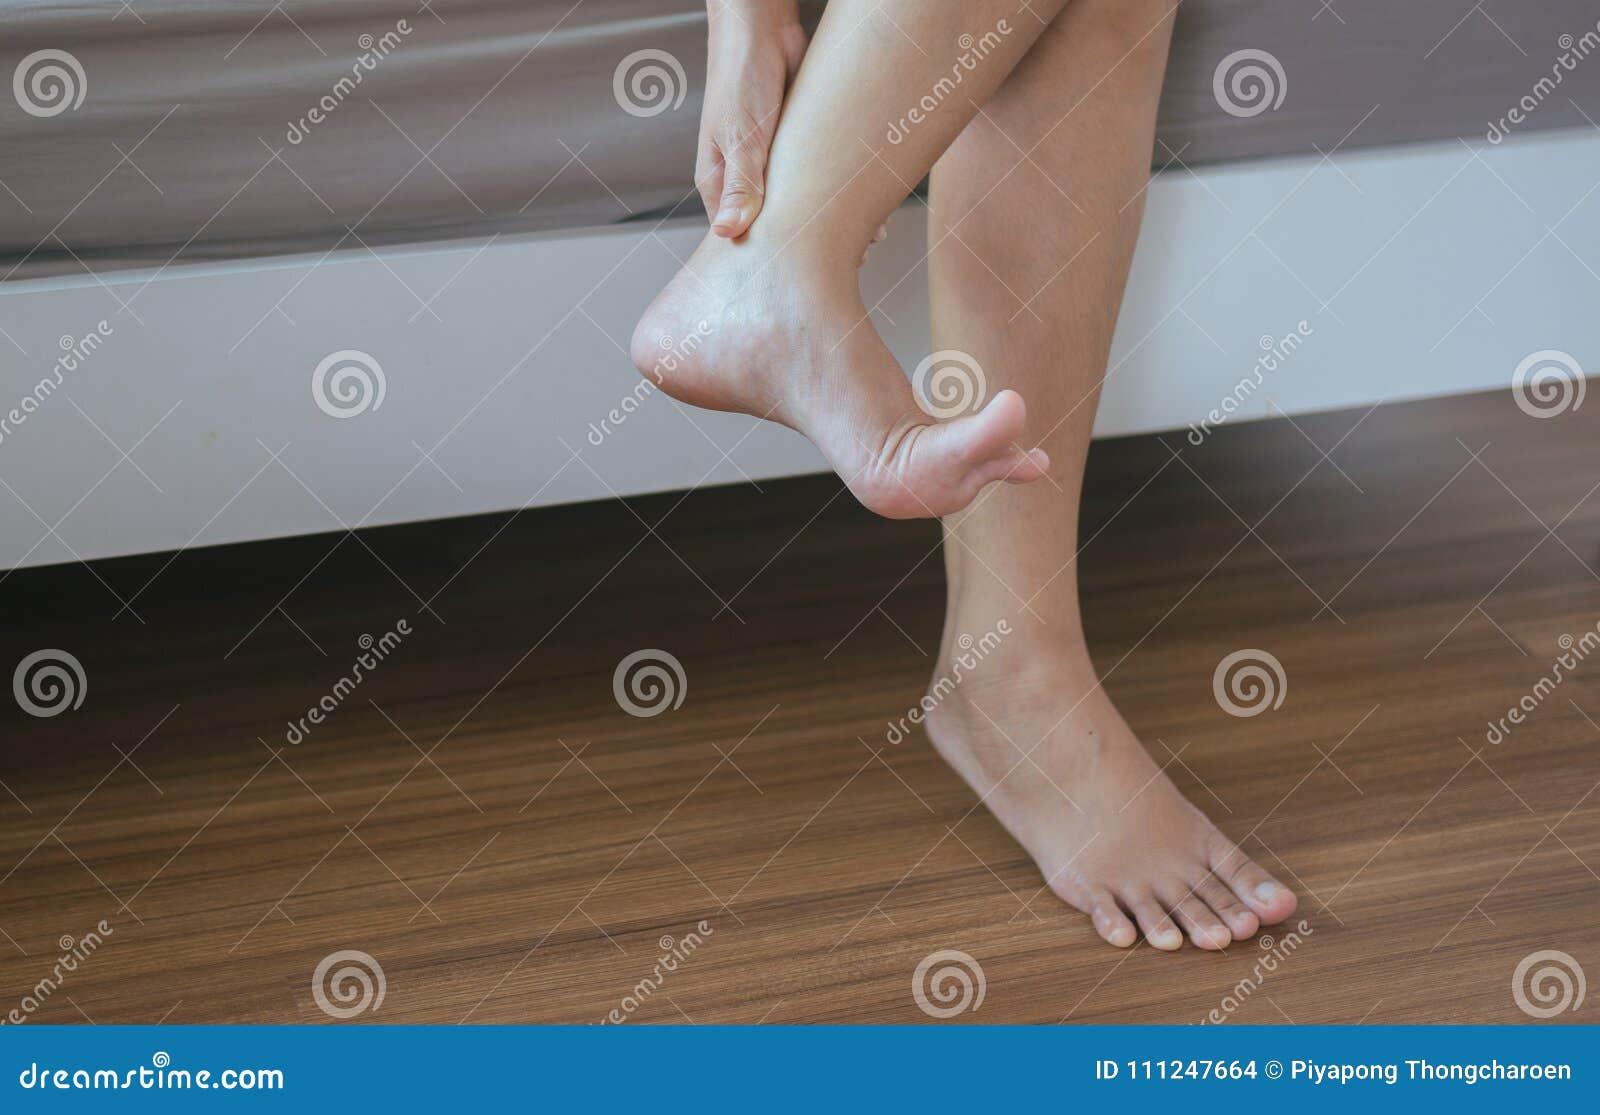 Remettez la femme avec la blessure à la cheville, douleur de massage, femelle blessant et tenant la cheville foulée douloureuse